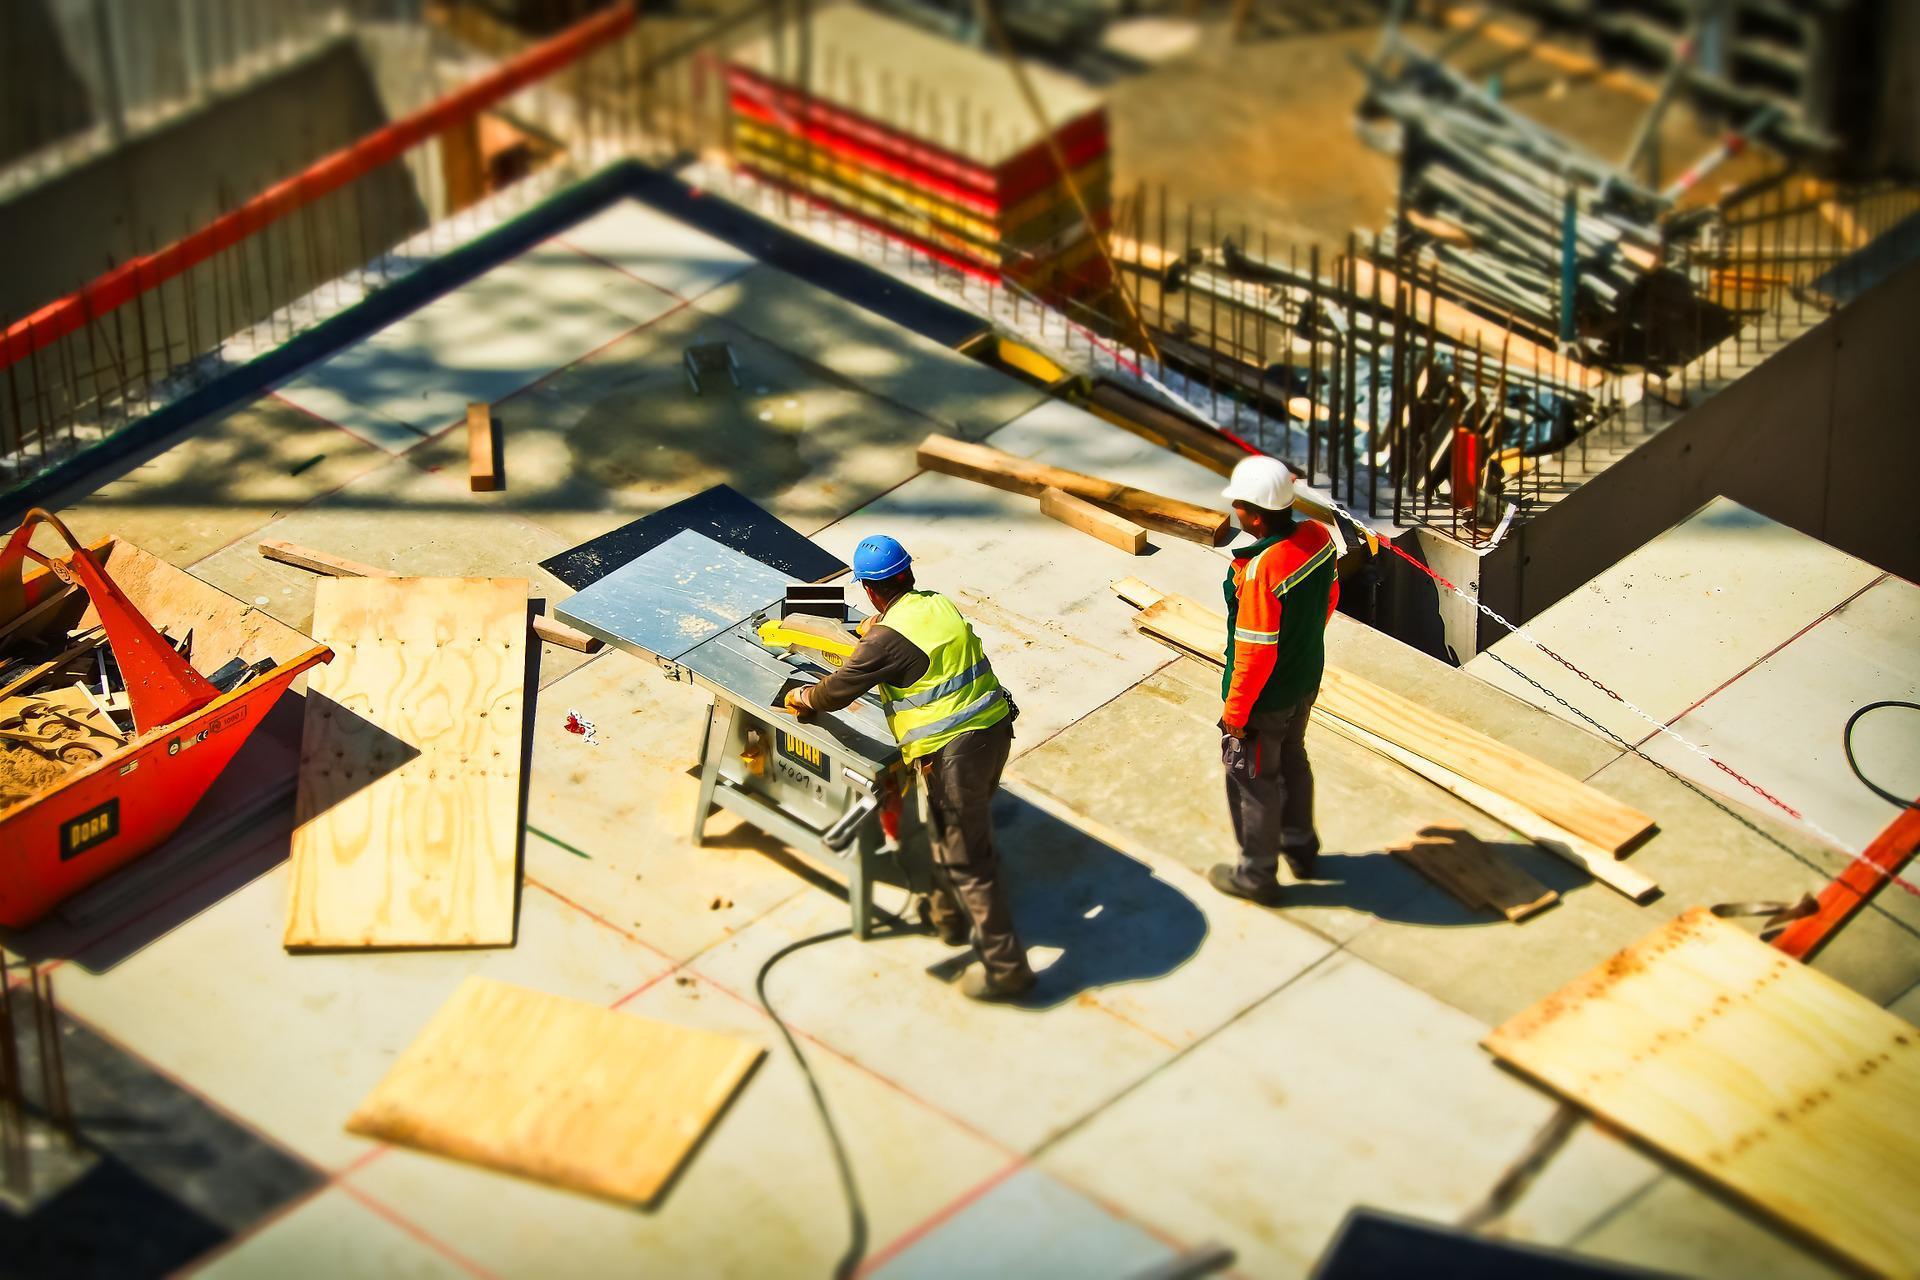 La facturación total de las constructoras del ranking sumó 482.400 millones de dólares / Foto: Pixabay